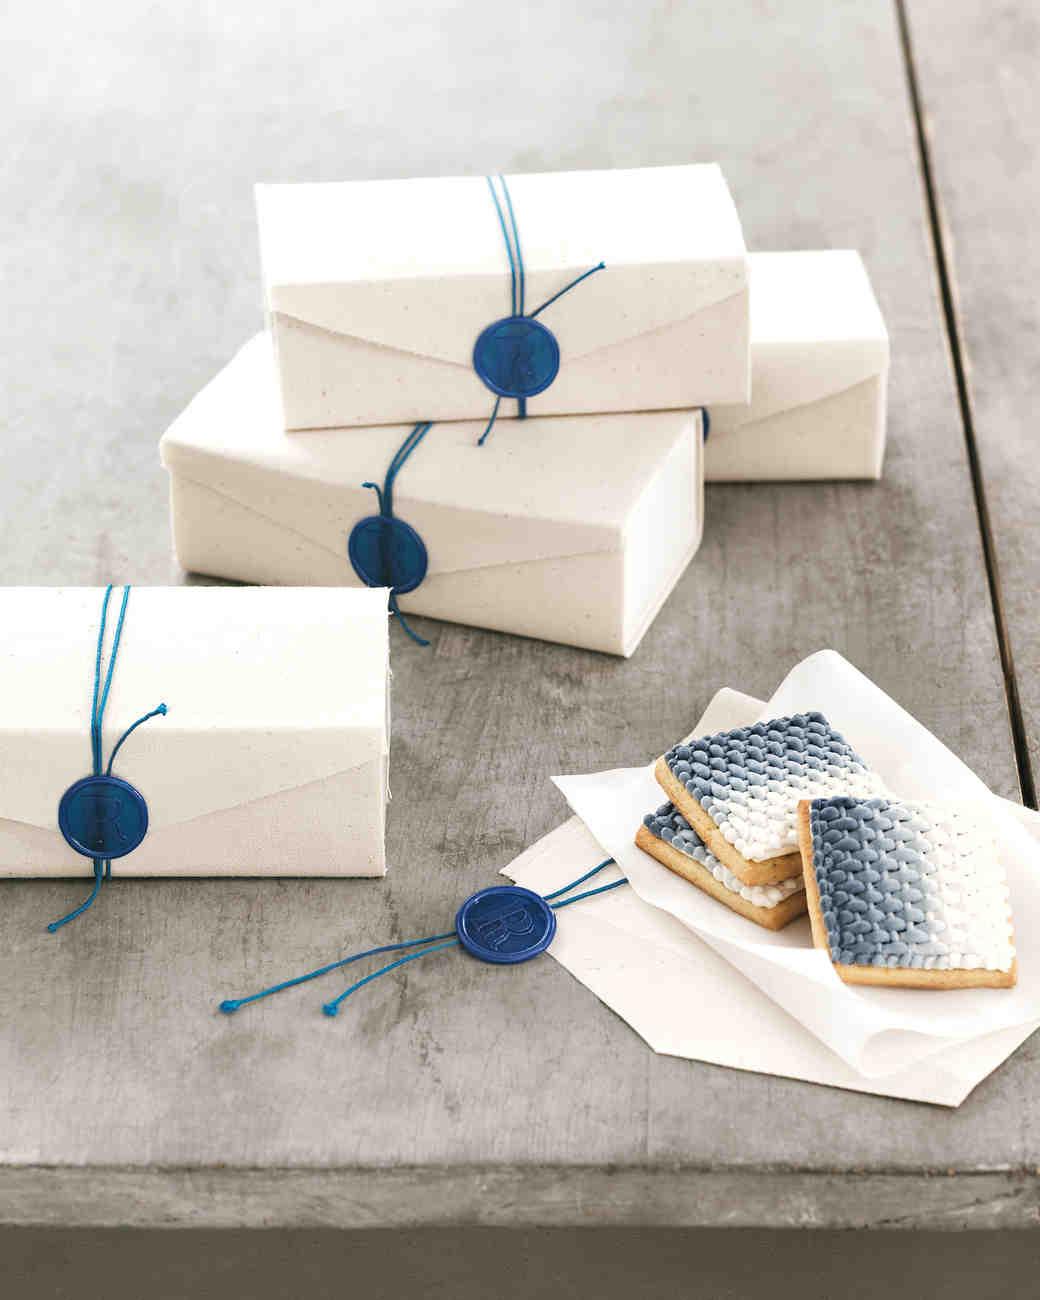 & 29 Wedding Favor Wrapping Ideas to Steal | Martha Stewart Weddings